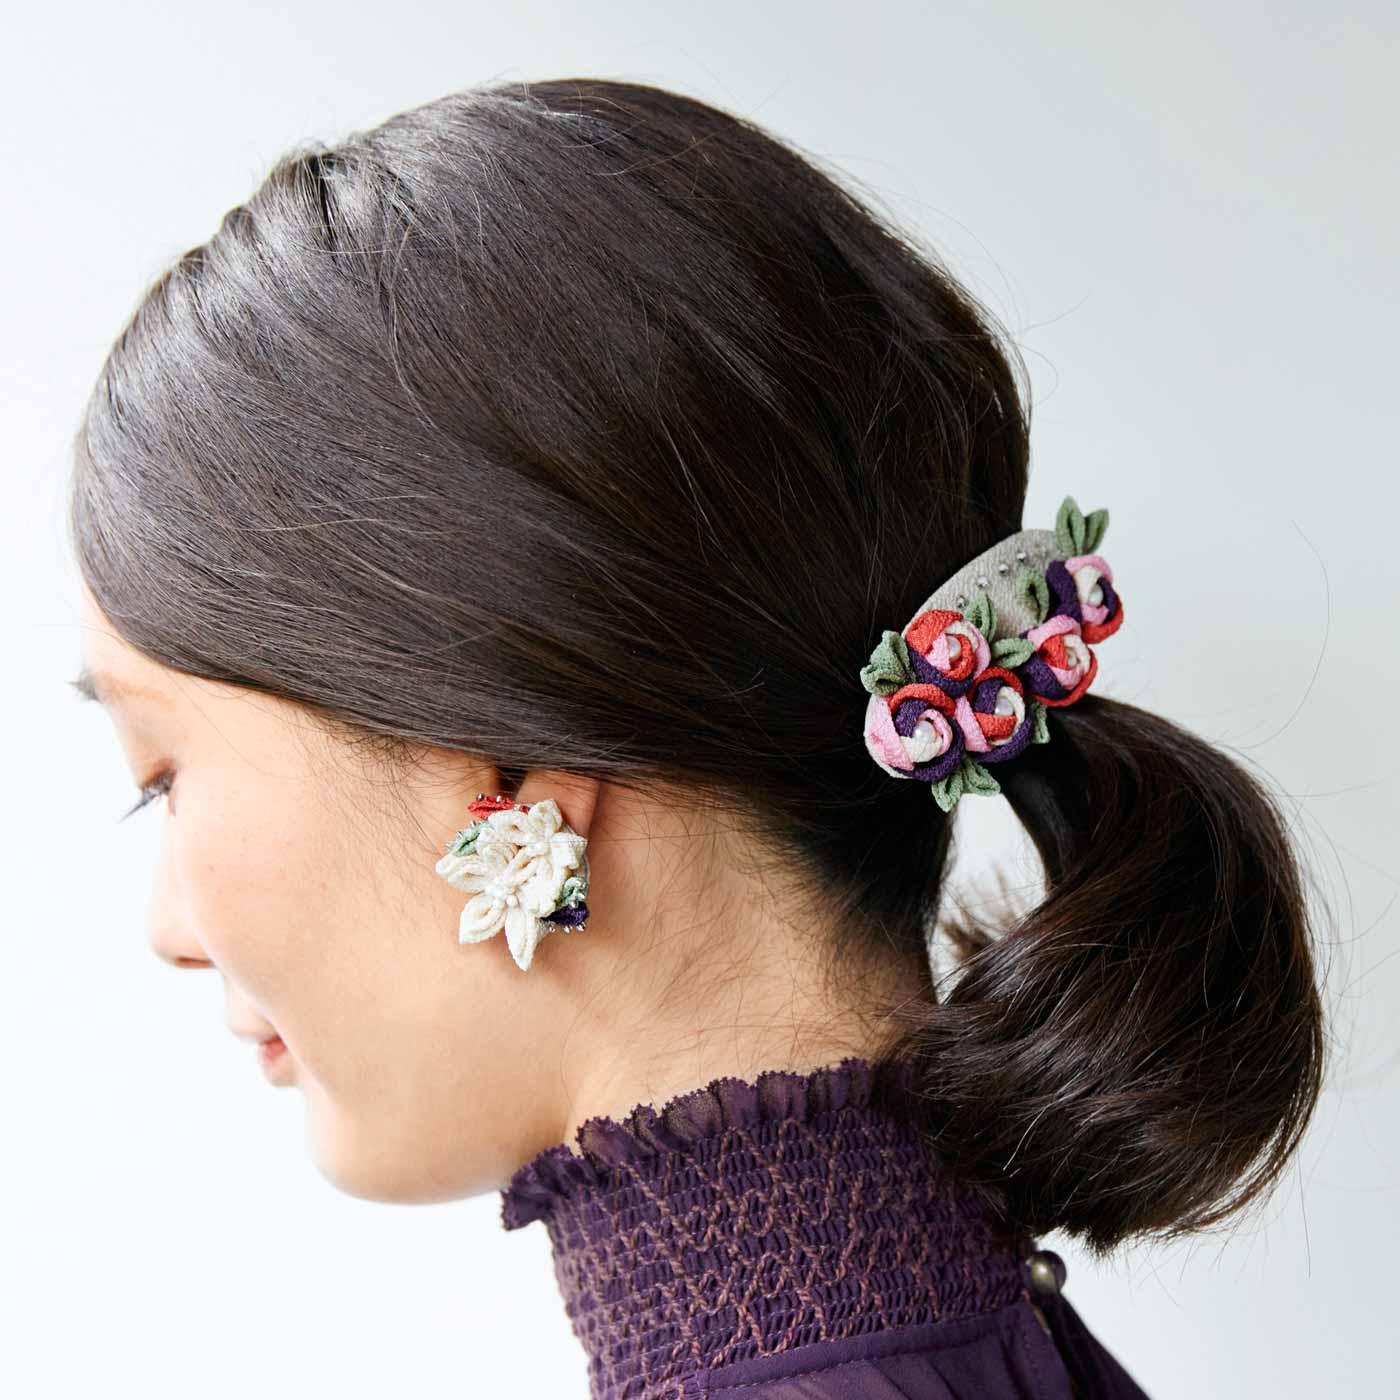 フェリシモ つまみ細工で愛らしく咲く 野の花アクセサリーの会